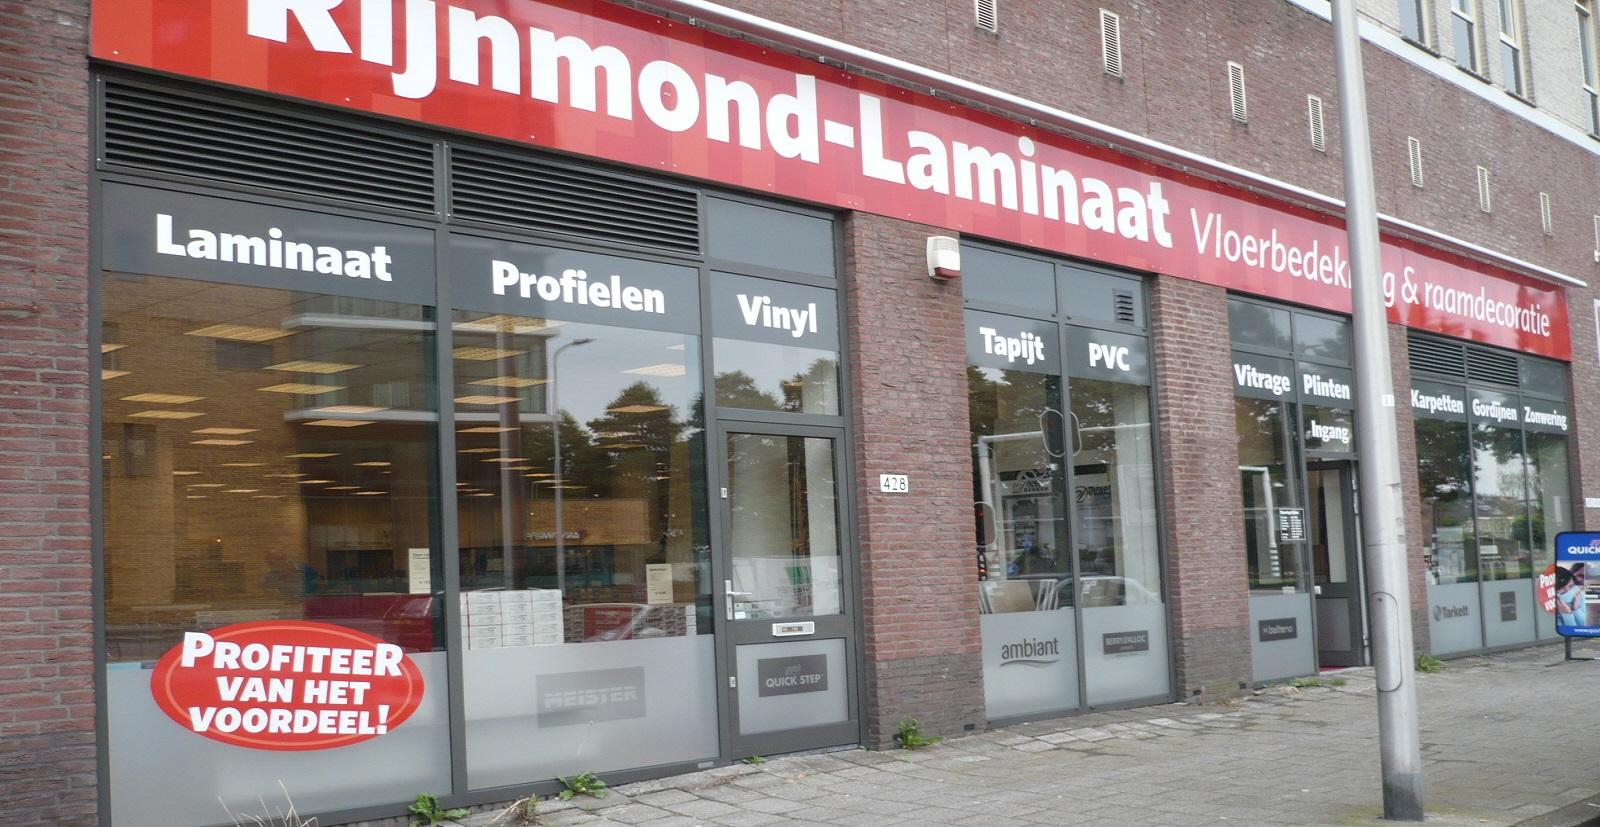 Goedkoop laminaat kopen rijnmond laminaat